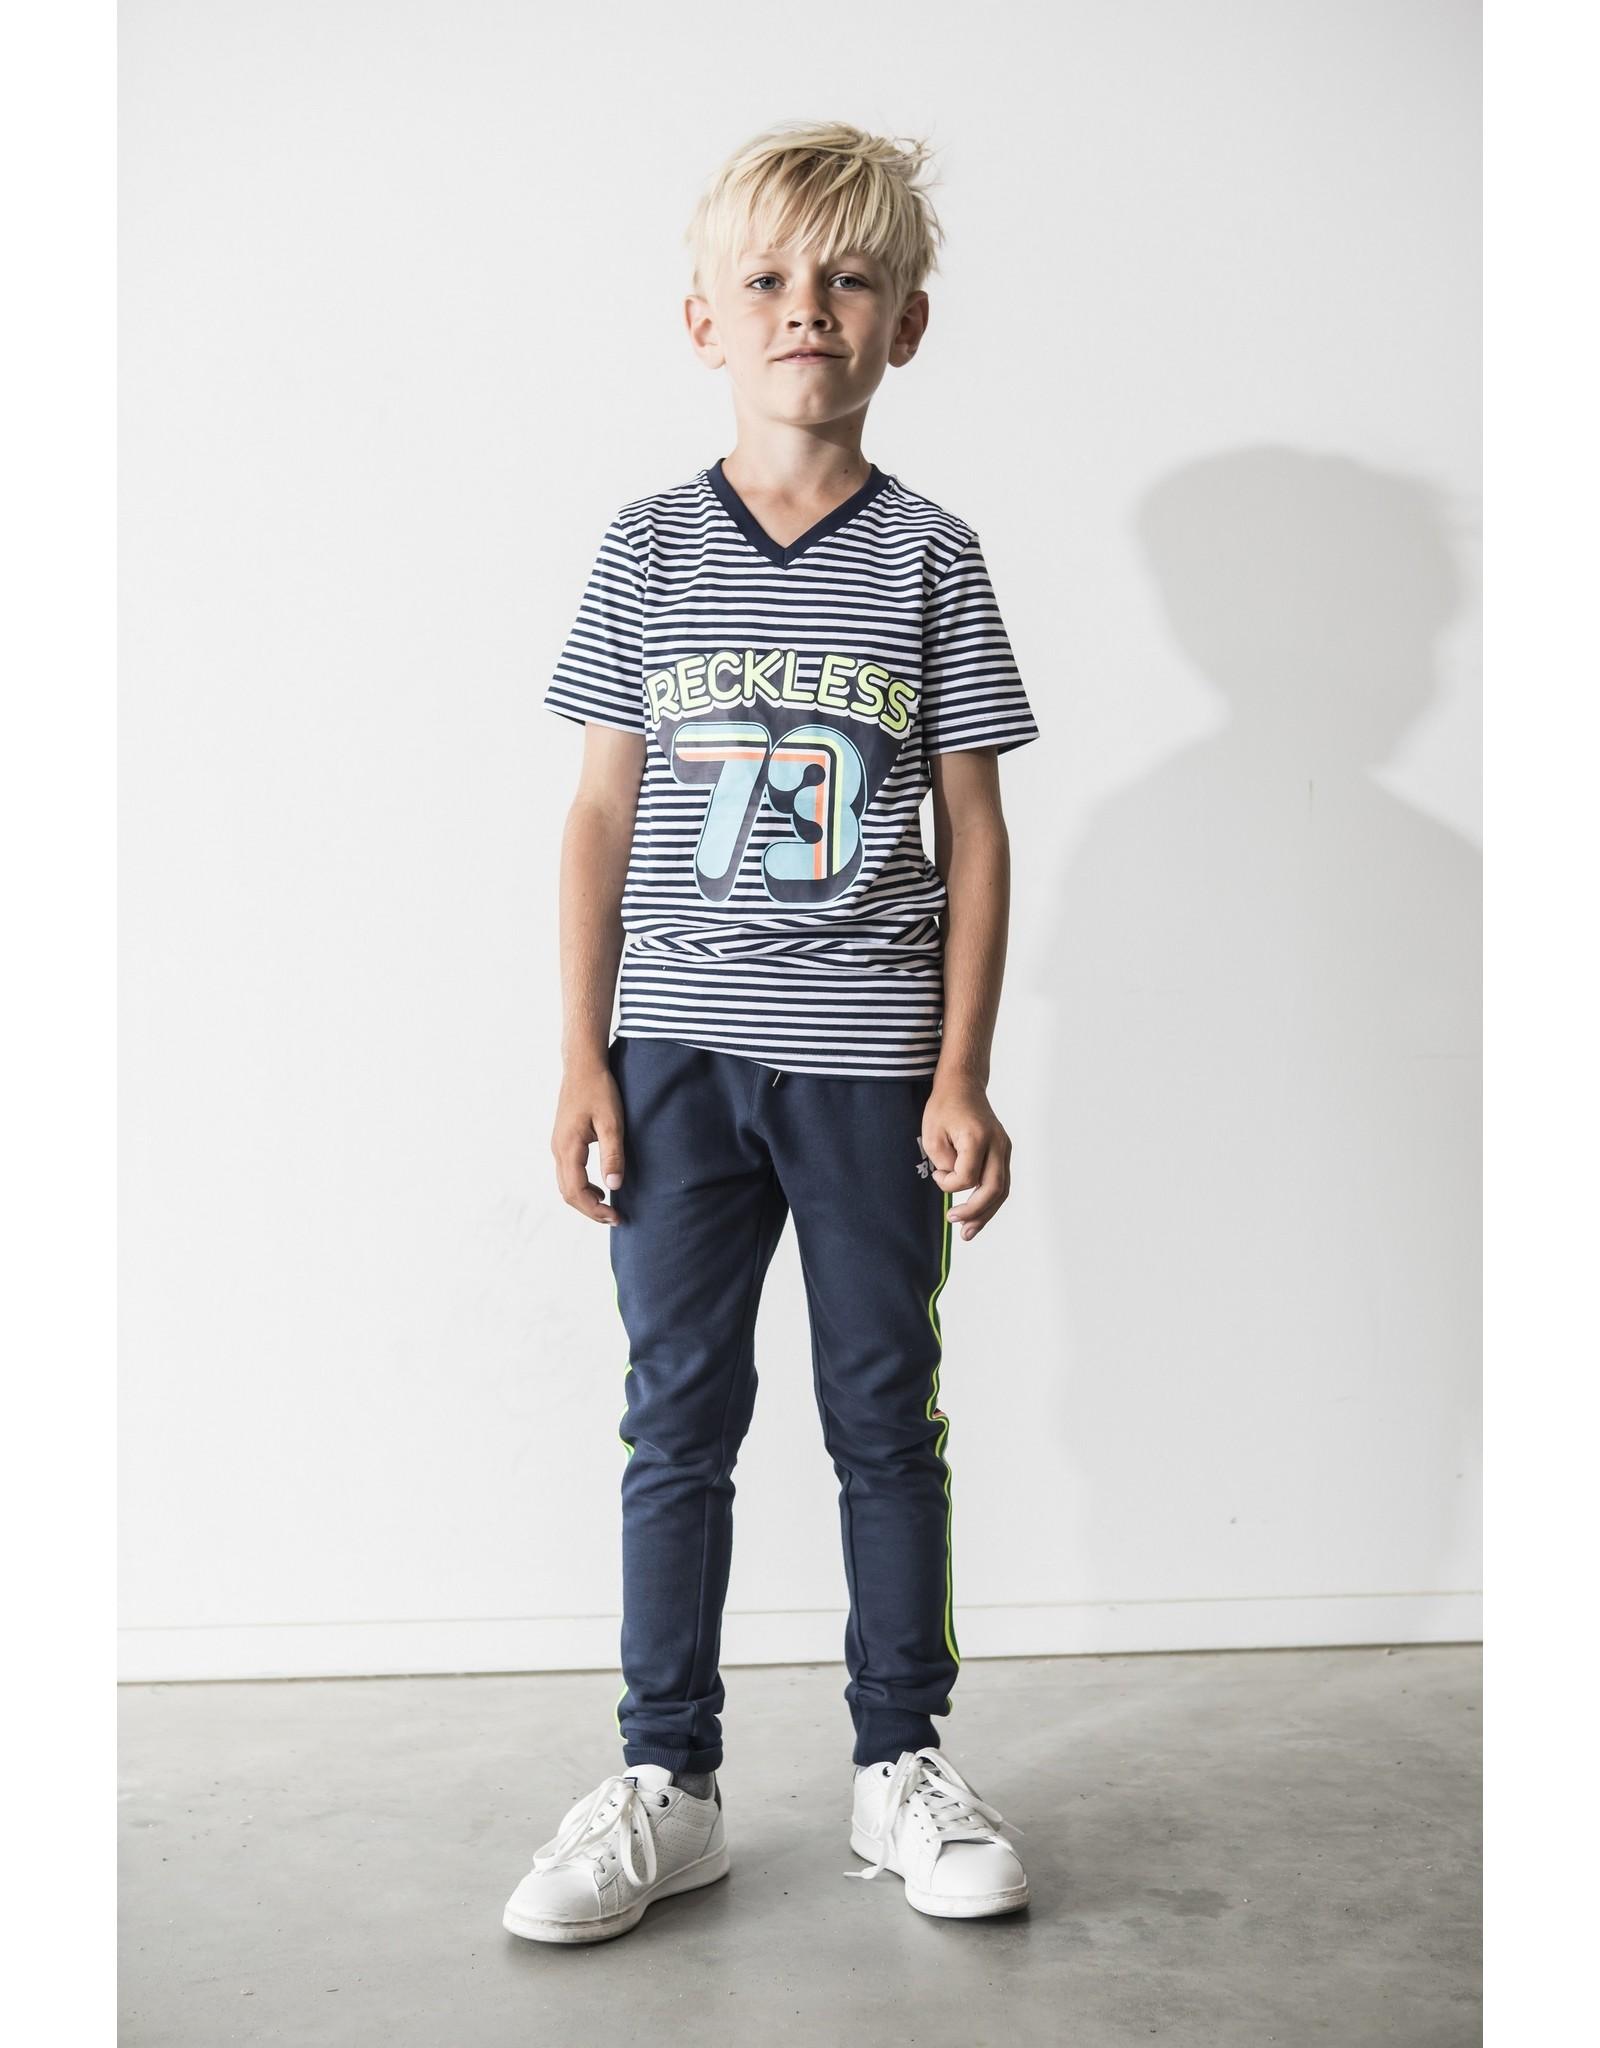 Tygo & Vito T&v t-shirt stripe RECKLESS